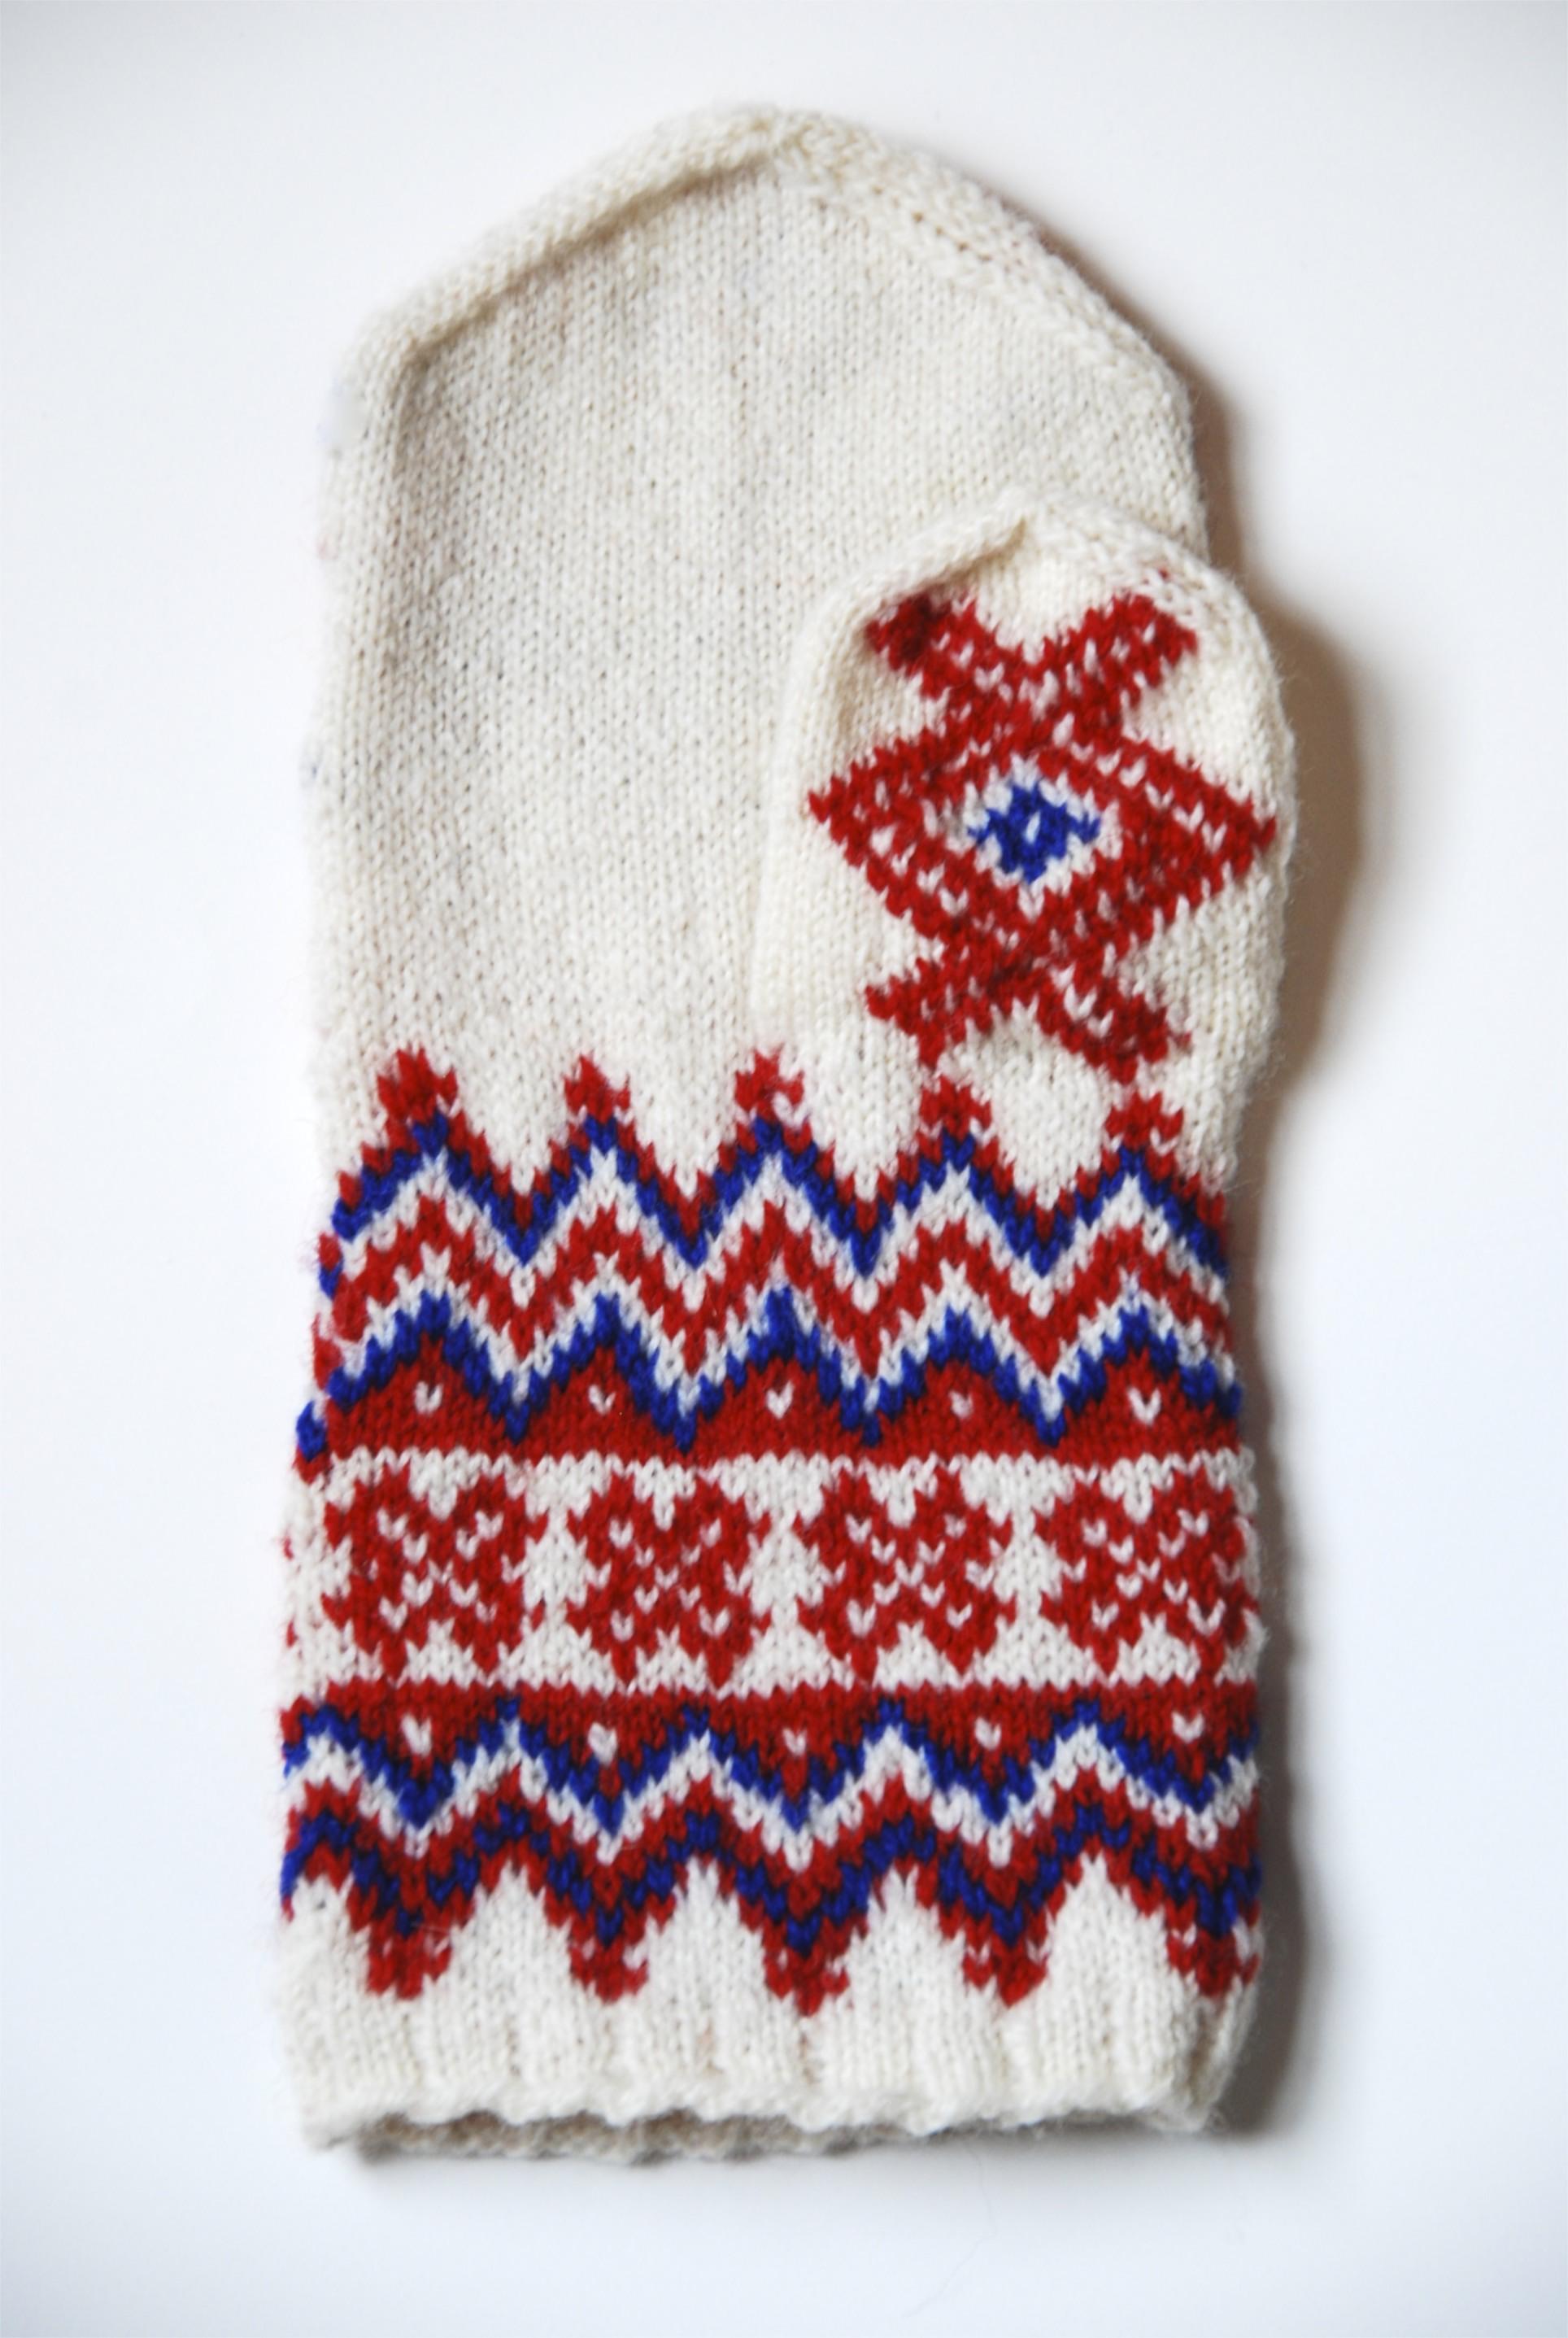 palm of the hand  Ávži mitten, knit by stashmuffin